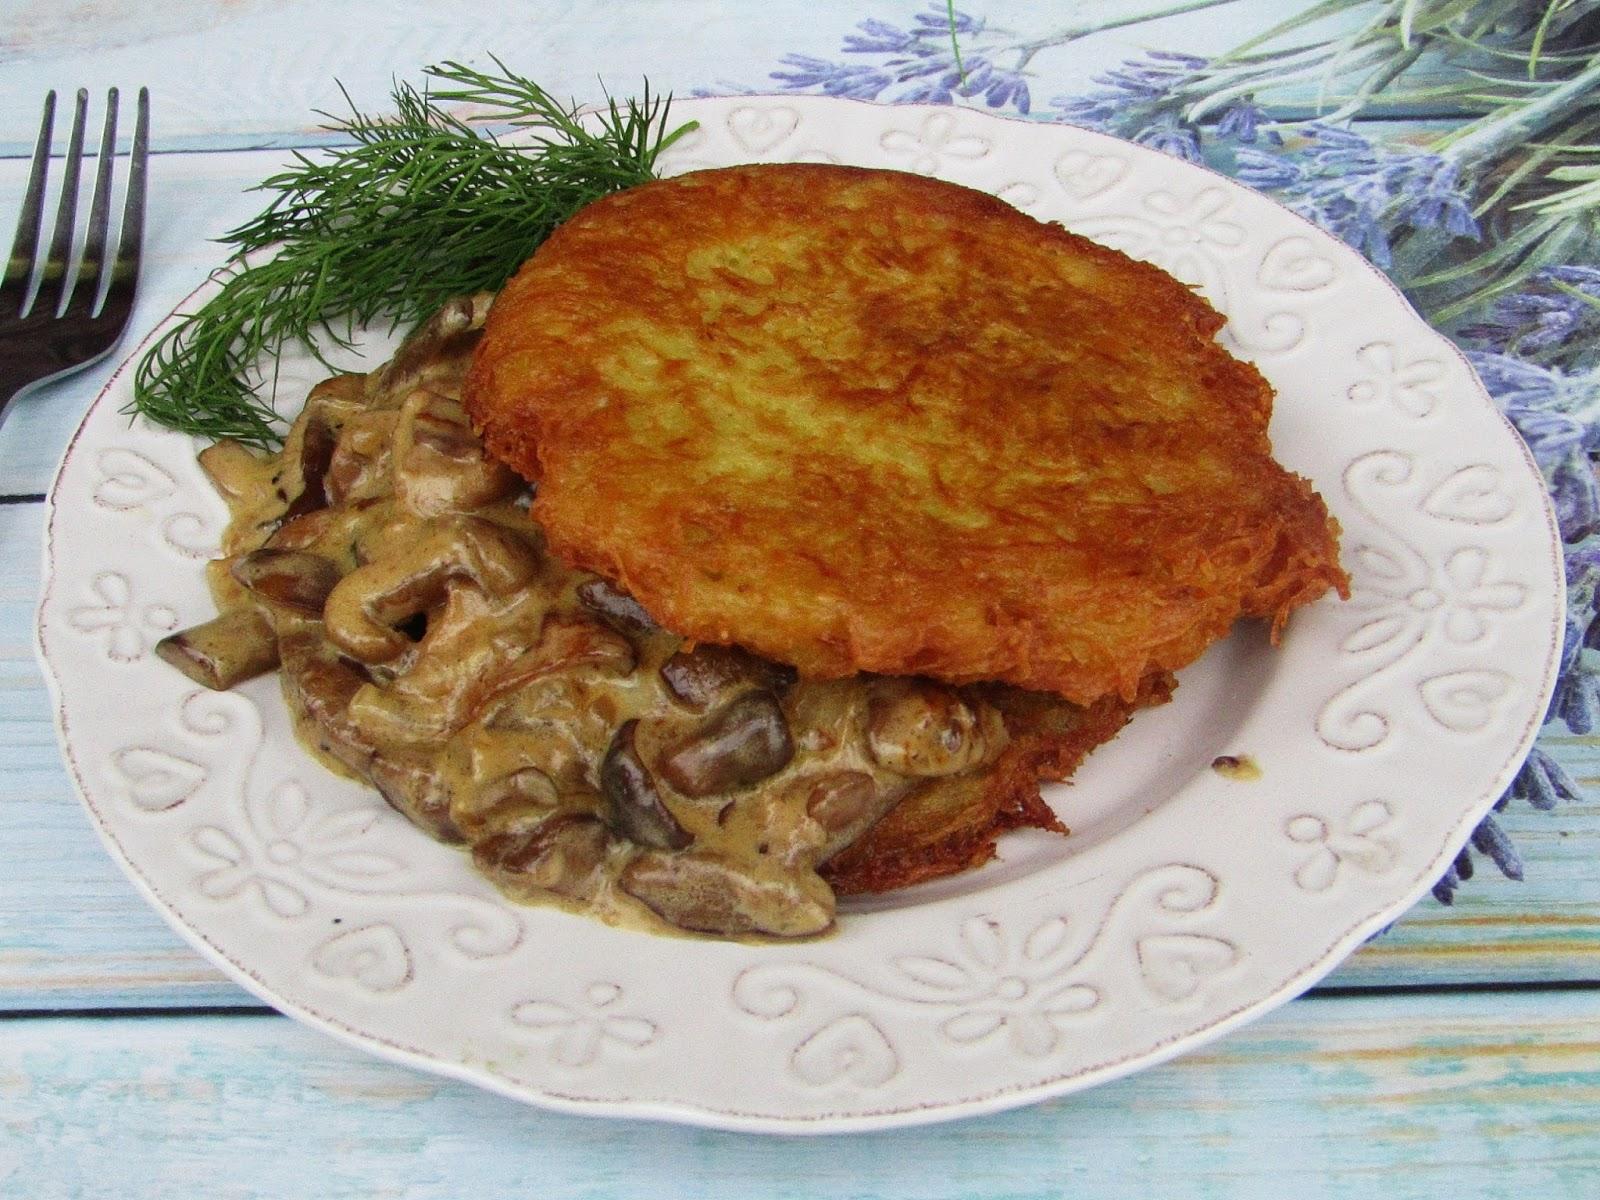 Tradycyjna Kuchnia Kasi Placki Ziemniaczane Z Sosem Grzybowym